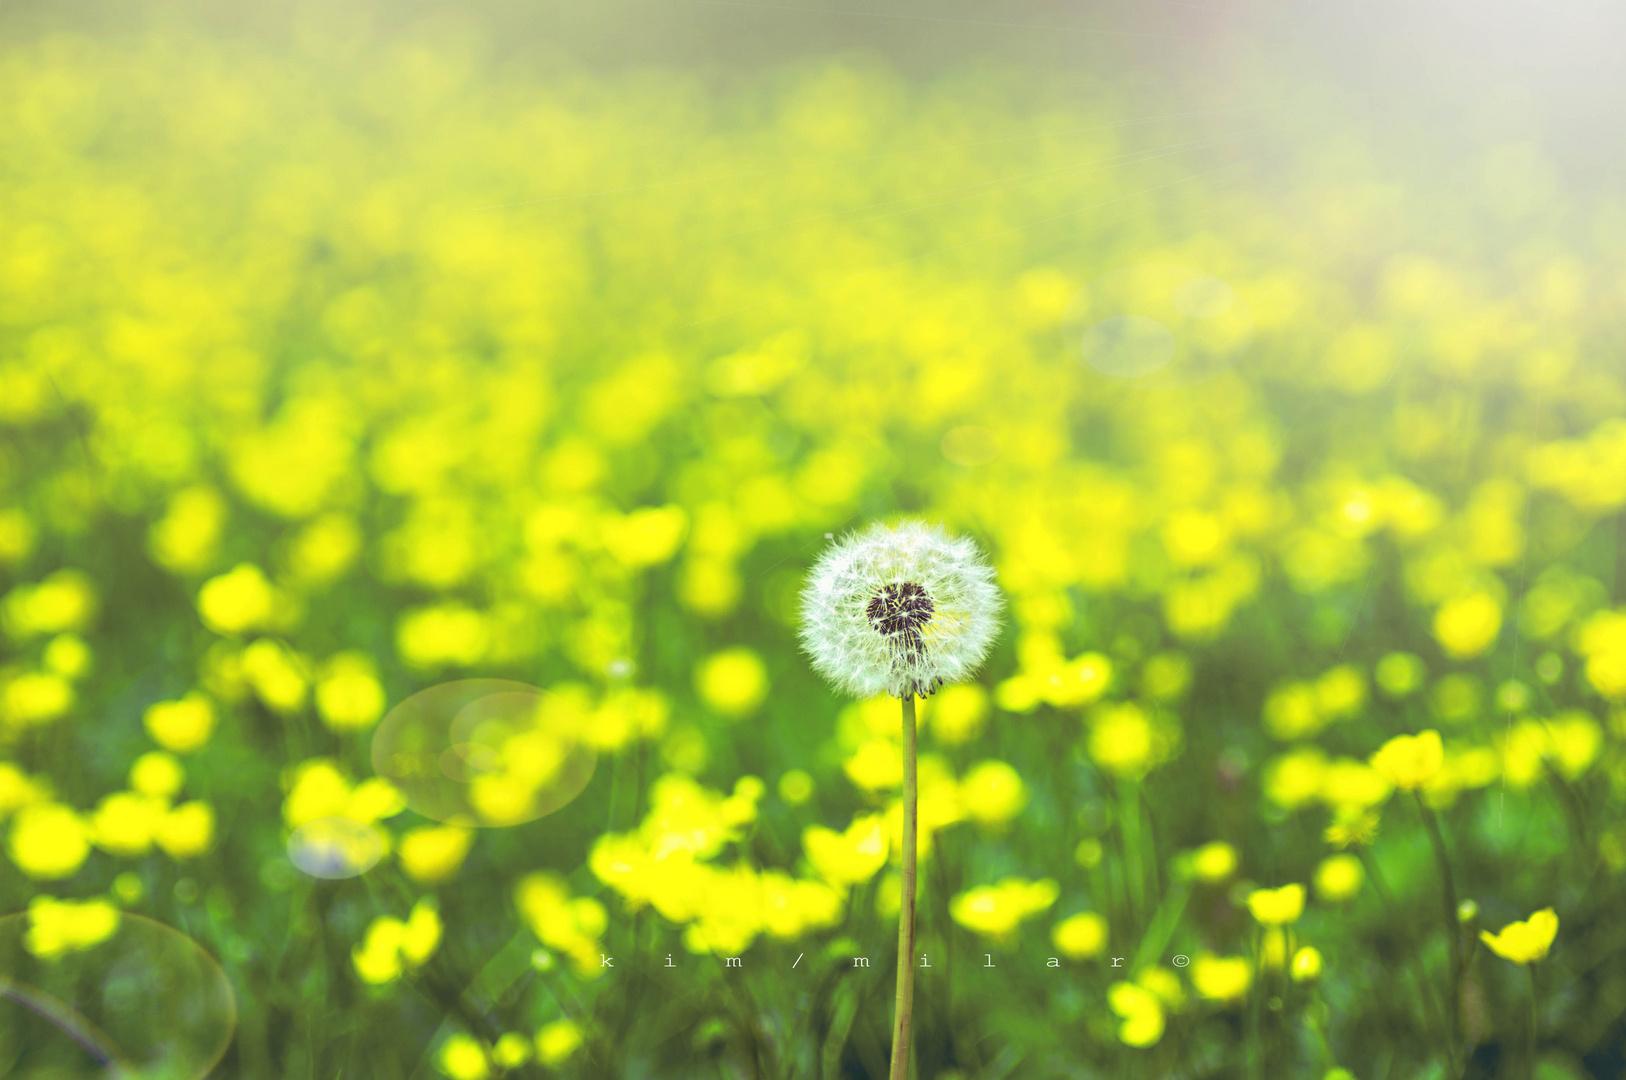 nel mondo di giallo